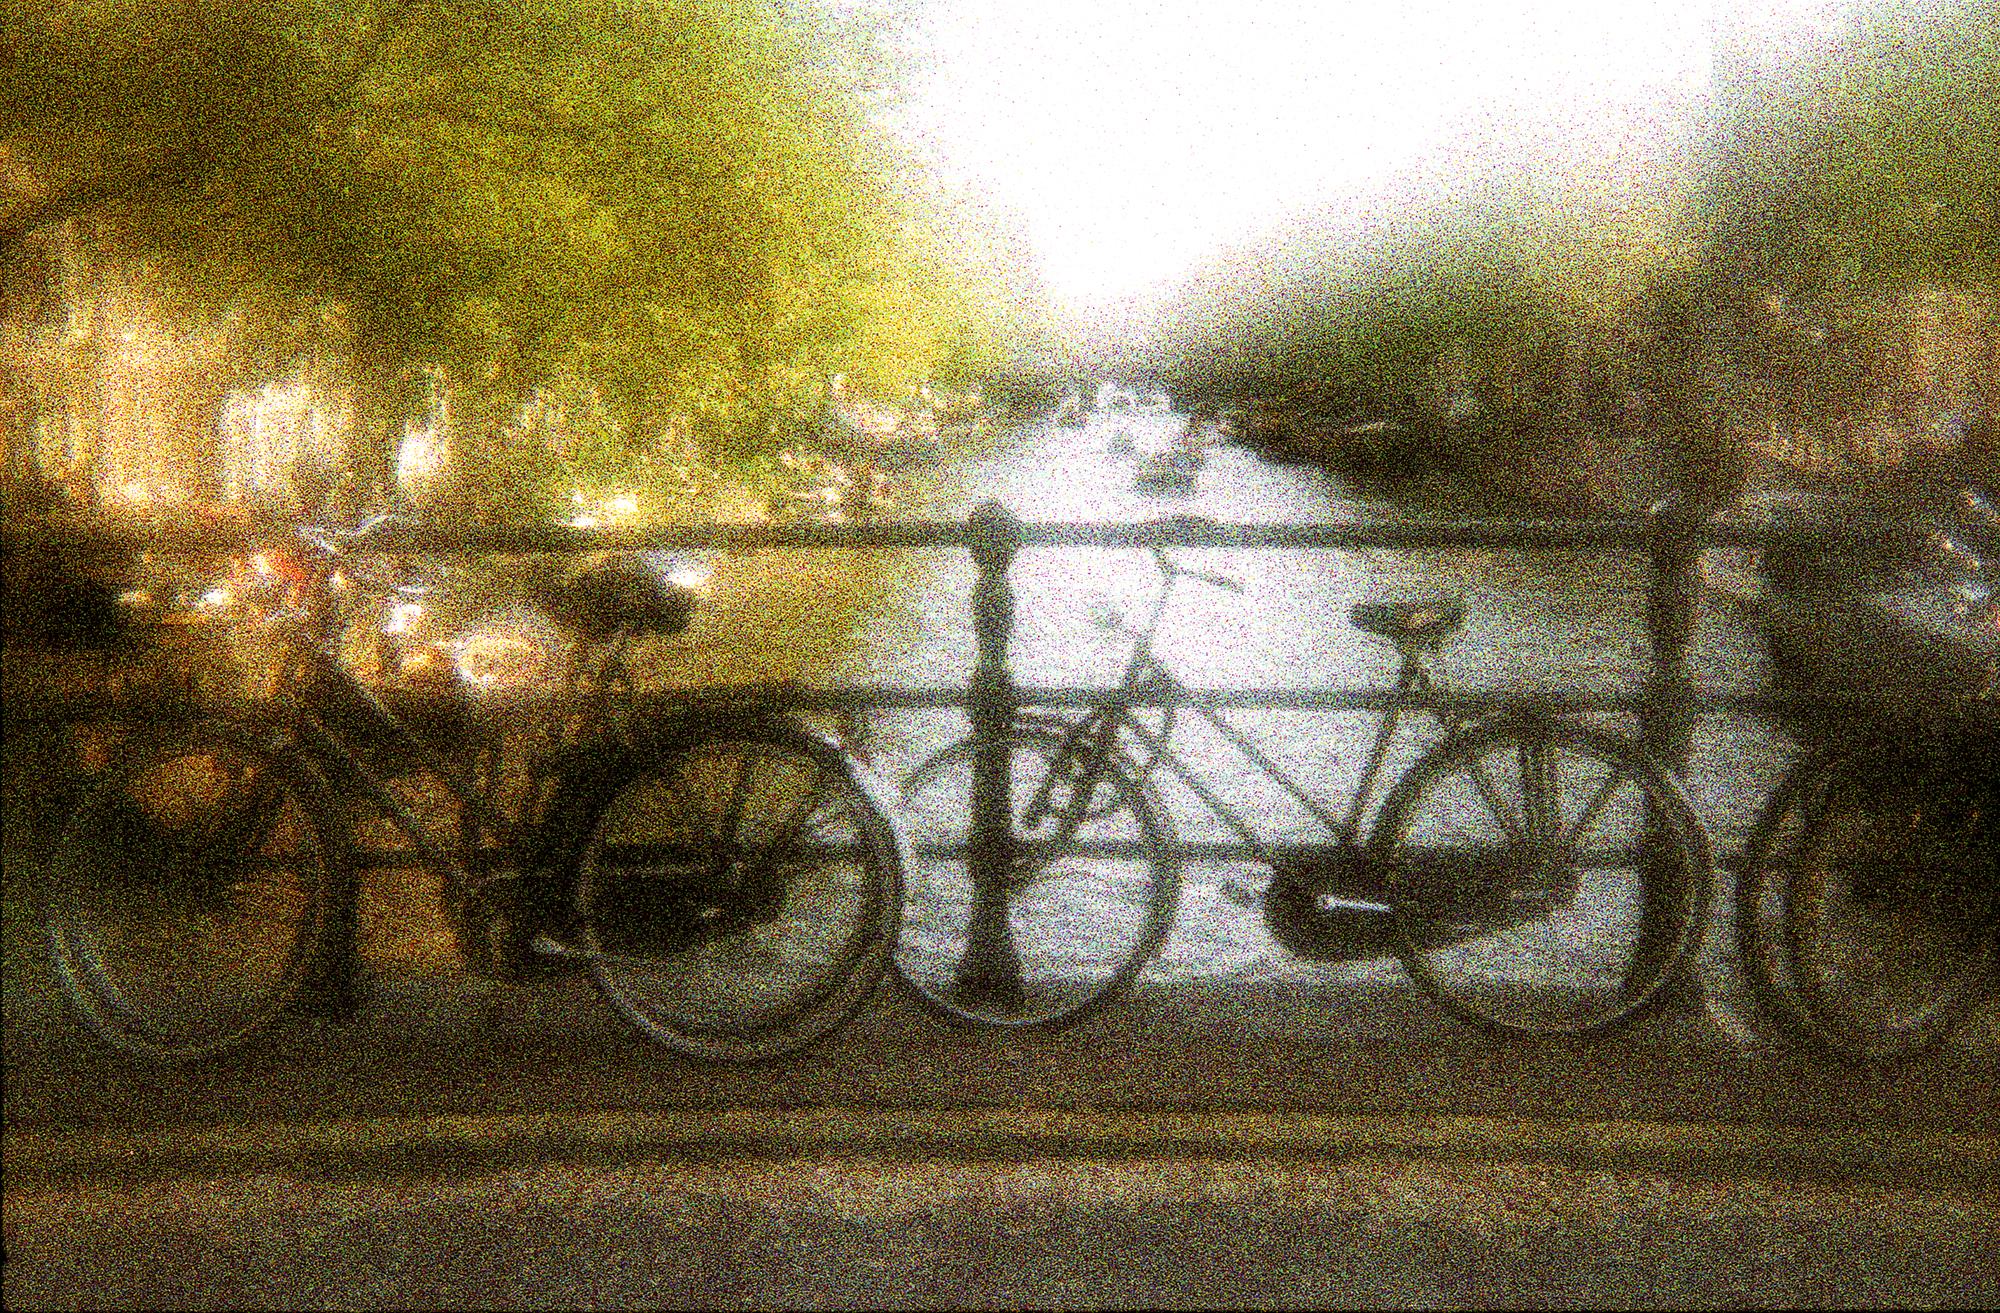 AmsterdamBicyclesAA.jpg